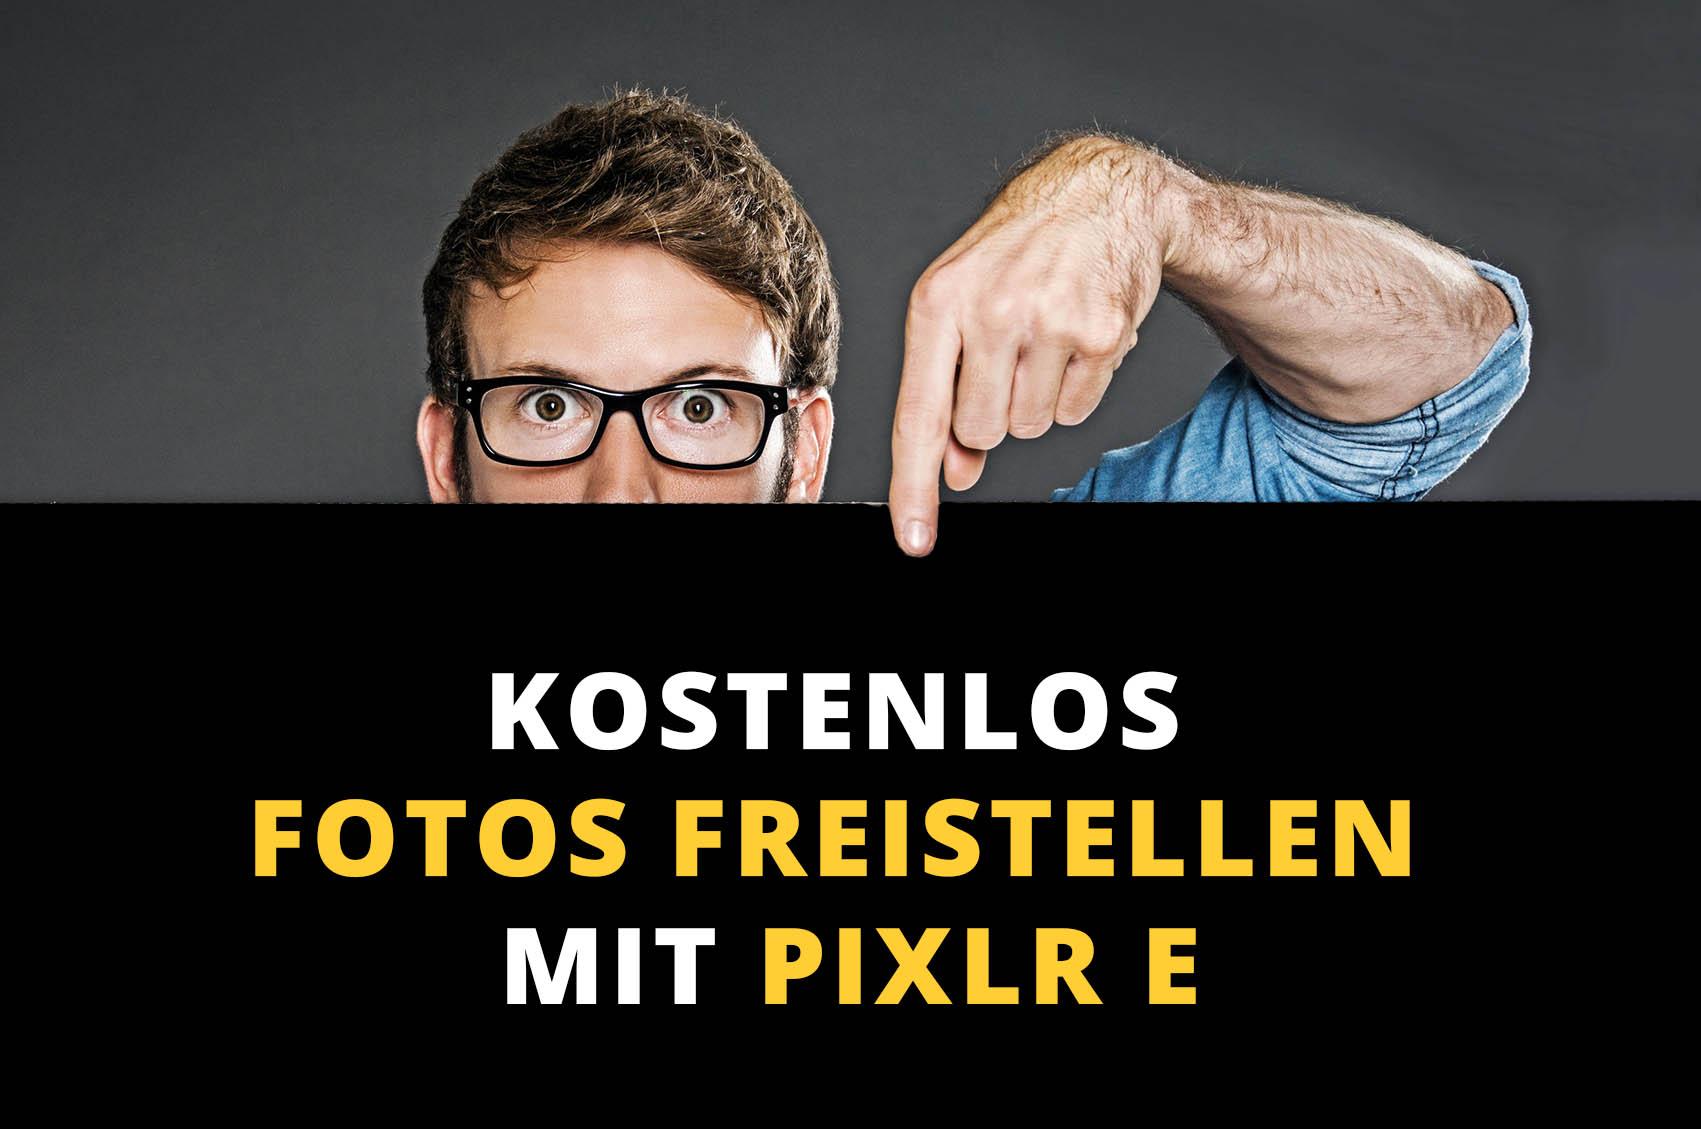 Kostenlos Fotos freistellen mit Pixlr E: So einfach geht's!